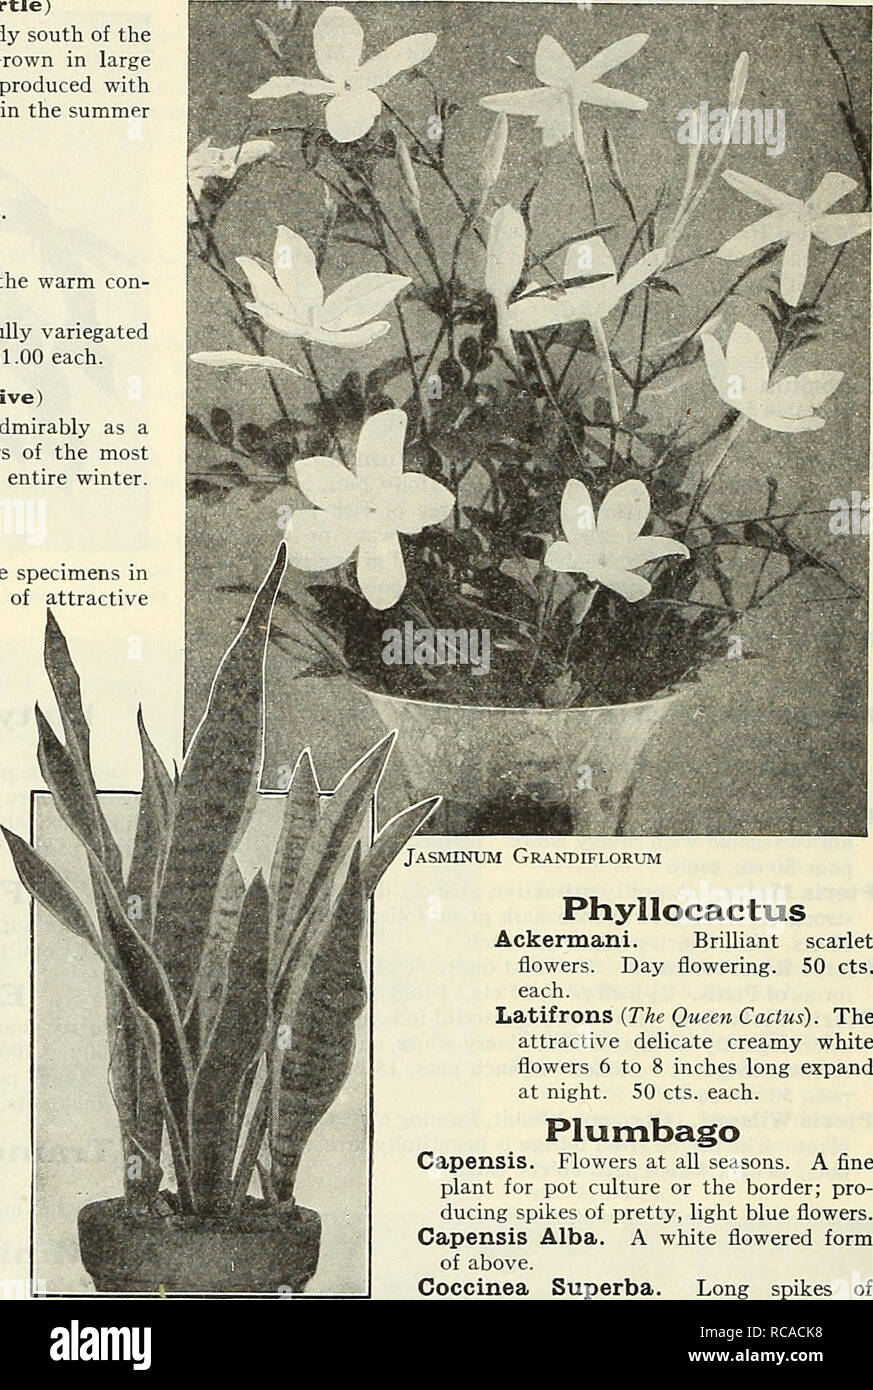 . Dreer ist Herbst Katalog 1930. Die Glühbirnen (Pflanzen) Kataloge; Blumen Samen Kataloge; Gartengeräte und Zubehör Kataloge; Baumschulen (Gartenbau) Kataloge; Gemüse Samen Kataloge. 24/Hl^ Alli. Garten * GEWÄCHSHAUS PIANTA> HILMlEIiPMl | Lagerstroemia (Crape Myrtle) Dies ist eines der schönsten Sträucher, und während Hardy südlich des Potomac, erfordert der Schutz in diesem Breitengrad. In großen Töpfen oder Kübeln gewachsen, Proben 6 bis 8 Fuß hoch kann mit wenig Schwierigkeiten hergestellt werden, und die für zwei oder drei Monate im Sommer mit Blumen bedeckt werden. Indica. Zart rosa. - Alba. Ein whi Stockbild